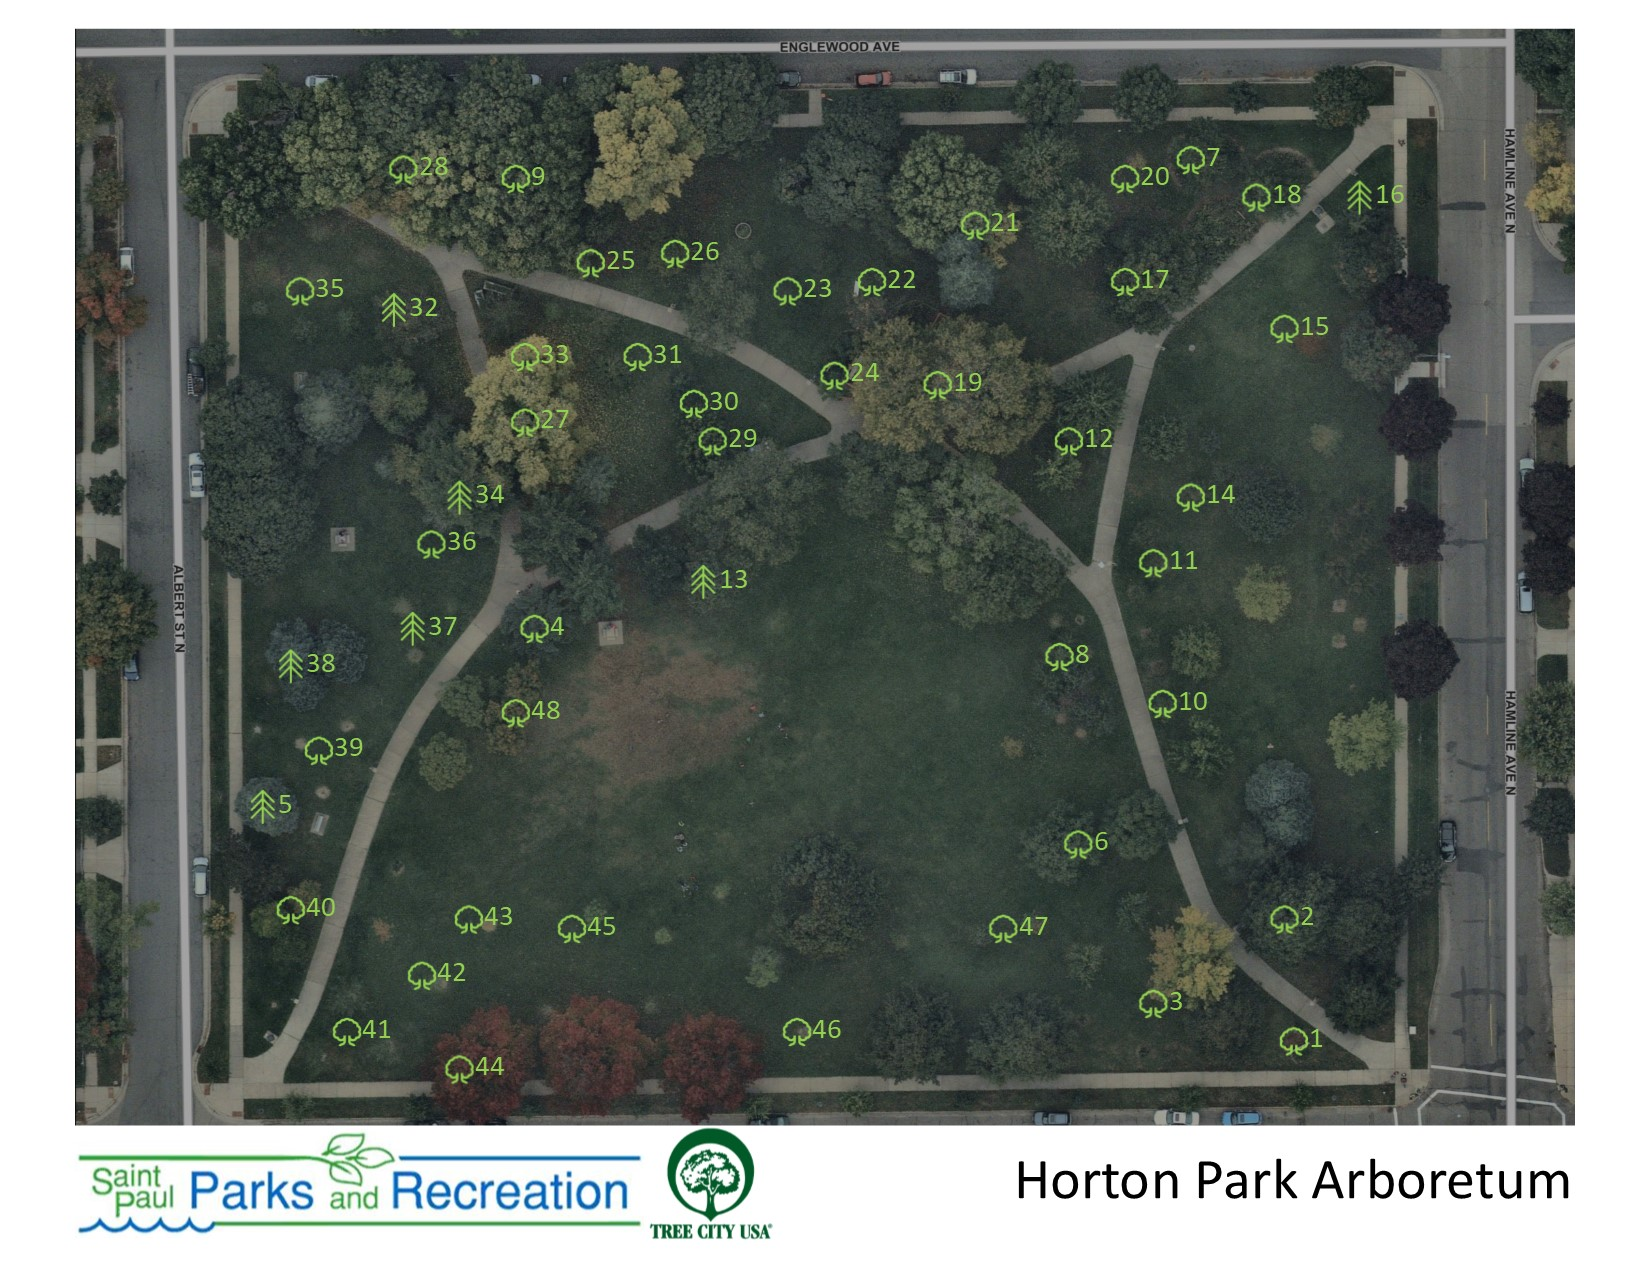 Horton Park Arboretum Map